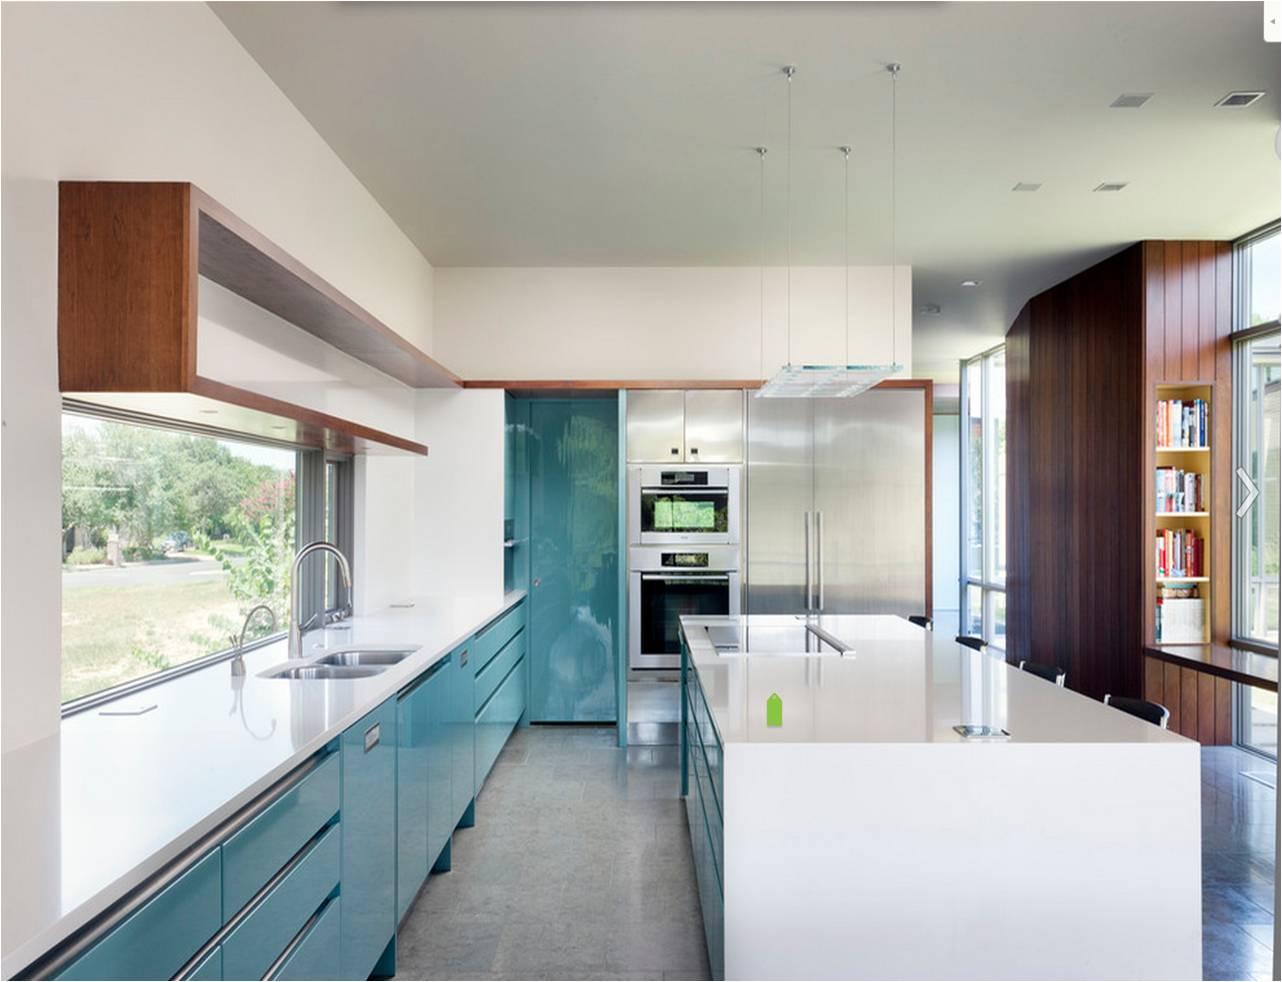 Cozinhas Modernas Fvm Com Kelly Souza